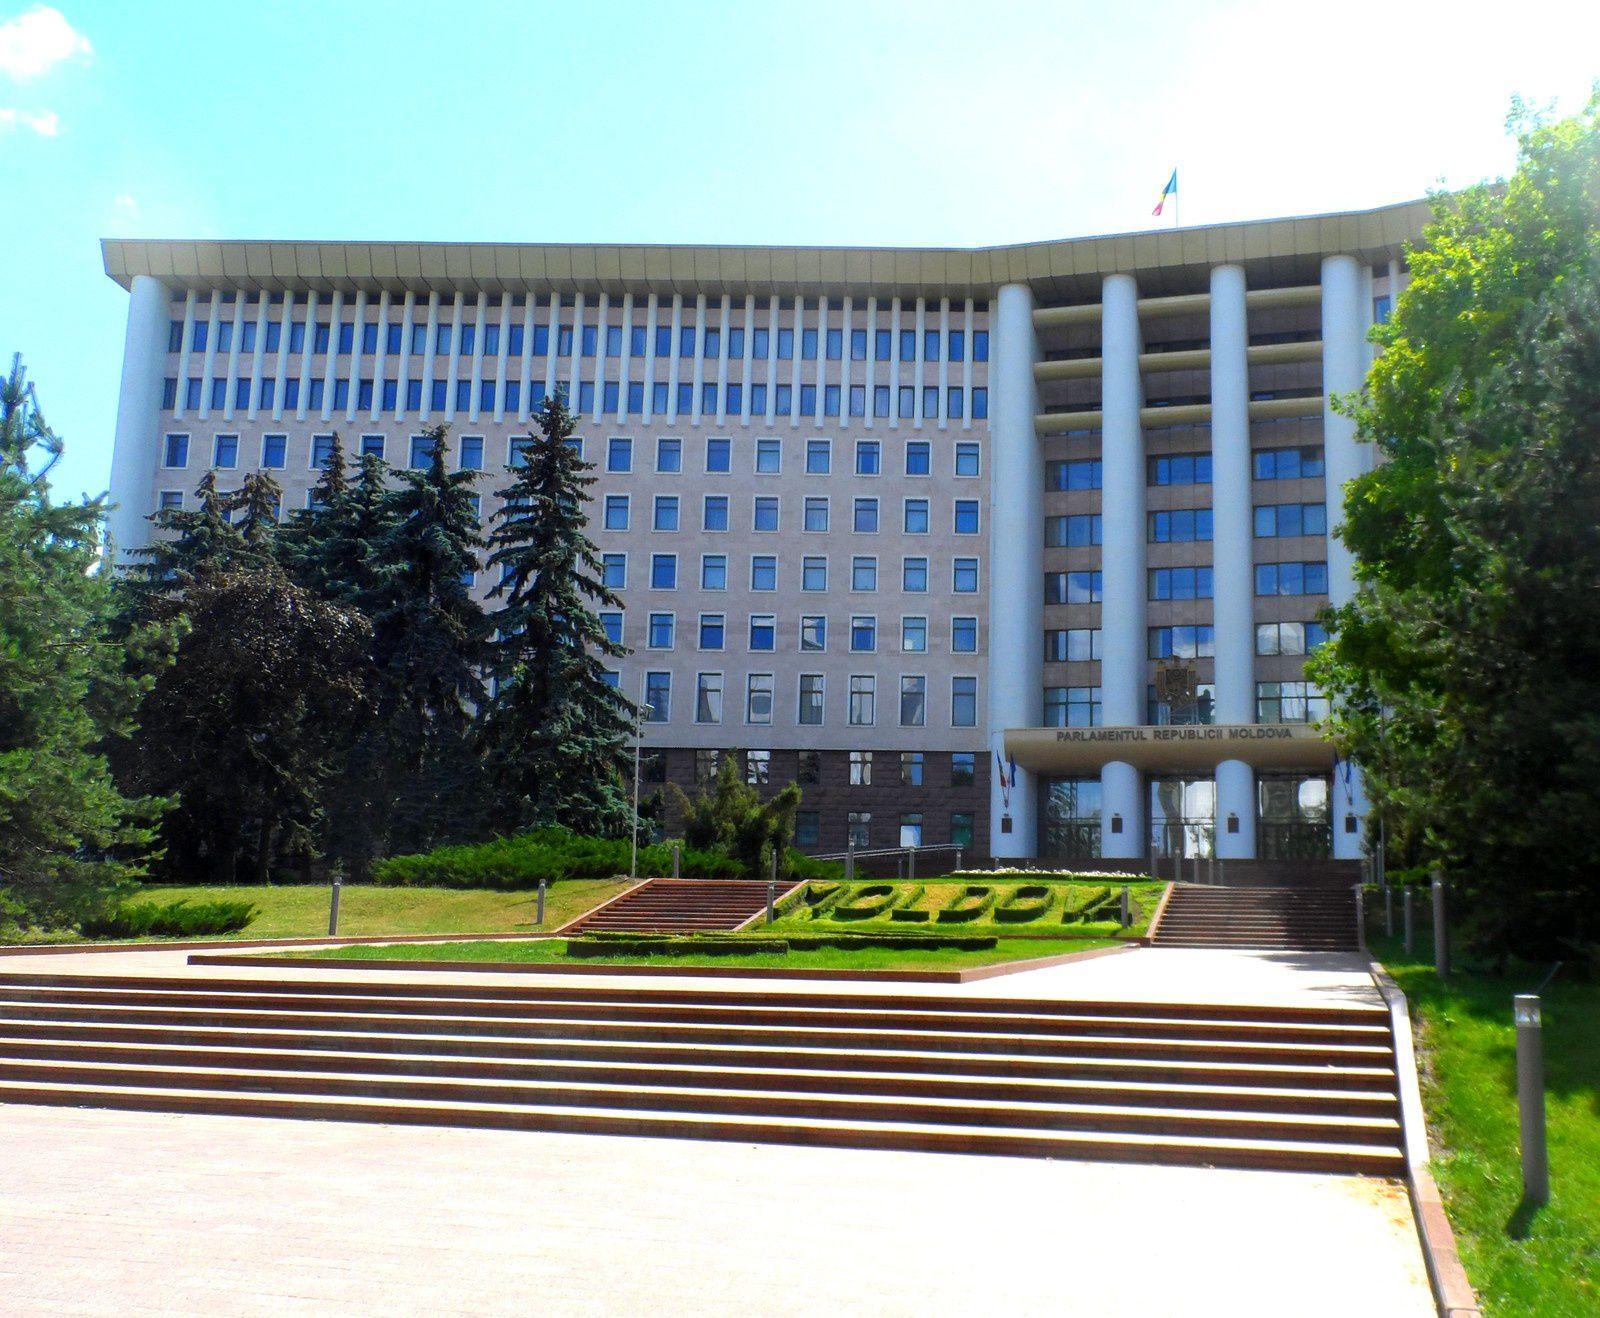 Au pays des Soviets (et des presque Roumains) : Chisinau, Moldavie